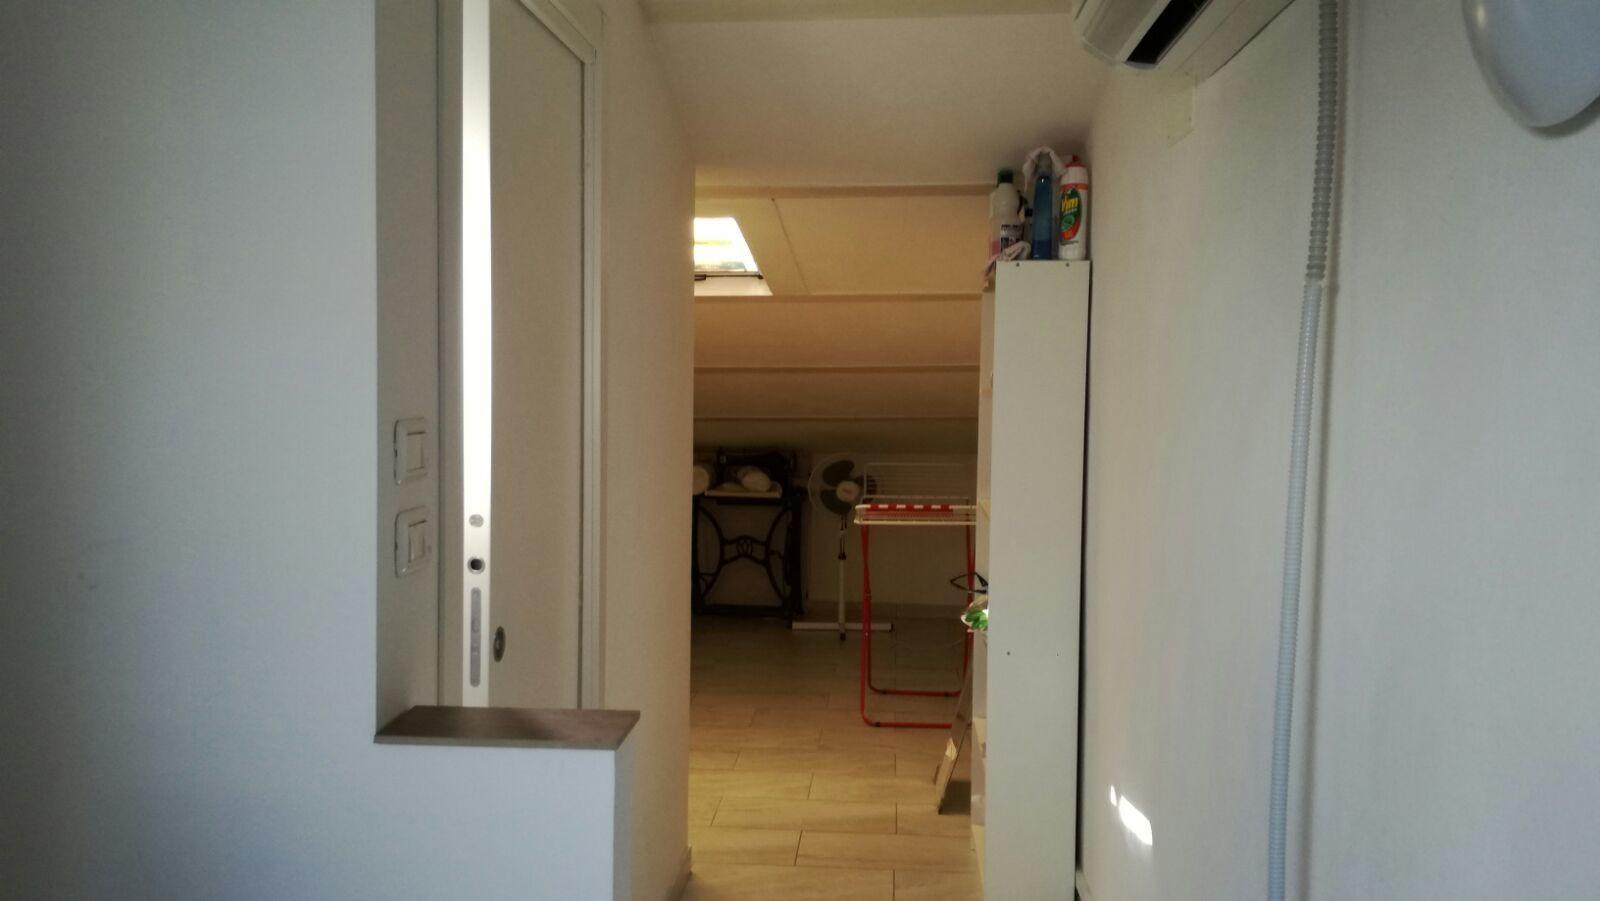 Camera con bagno in appartamento di 120 mq stanze in - Camera con bagno ...